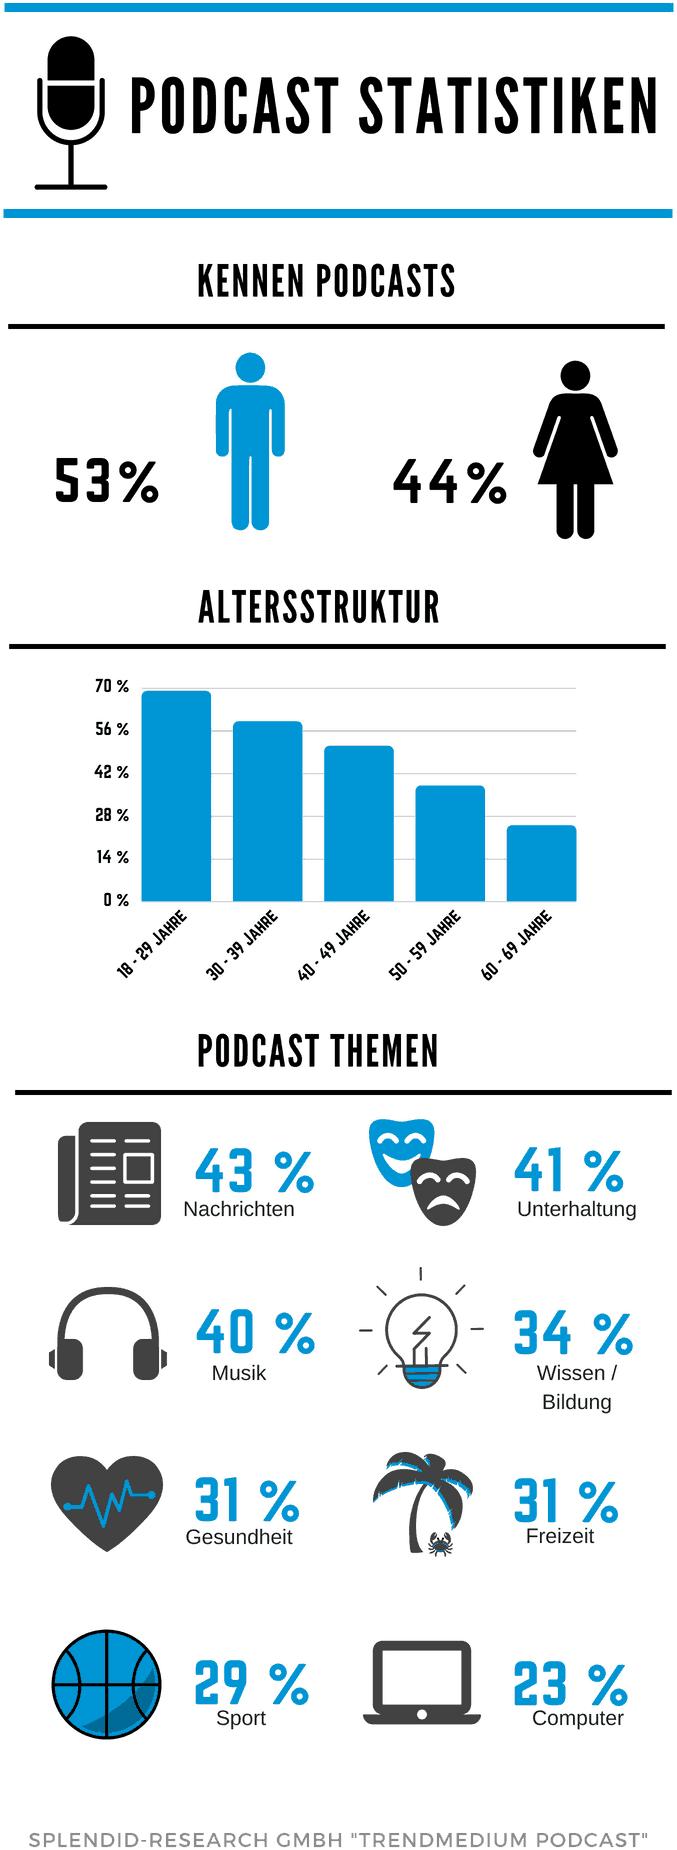 Einen Podcast machen - das lohnt sich, gerade für junges Publikum